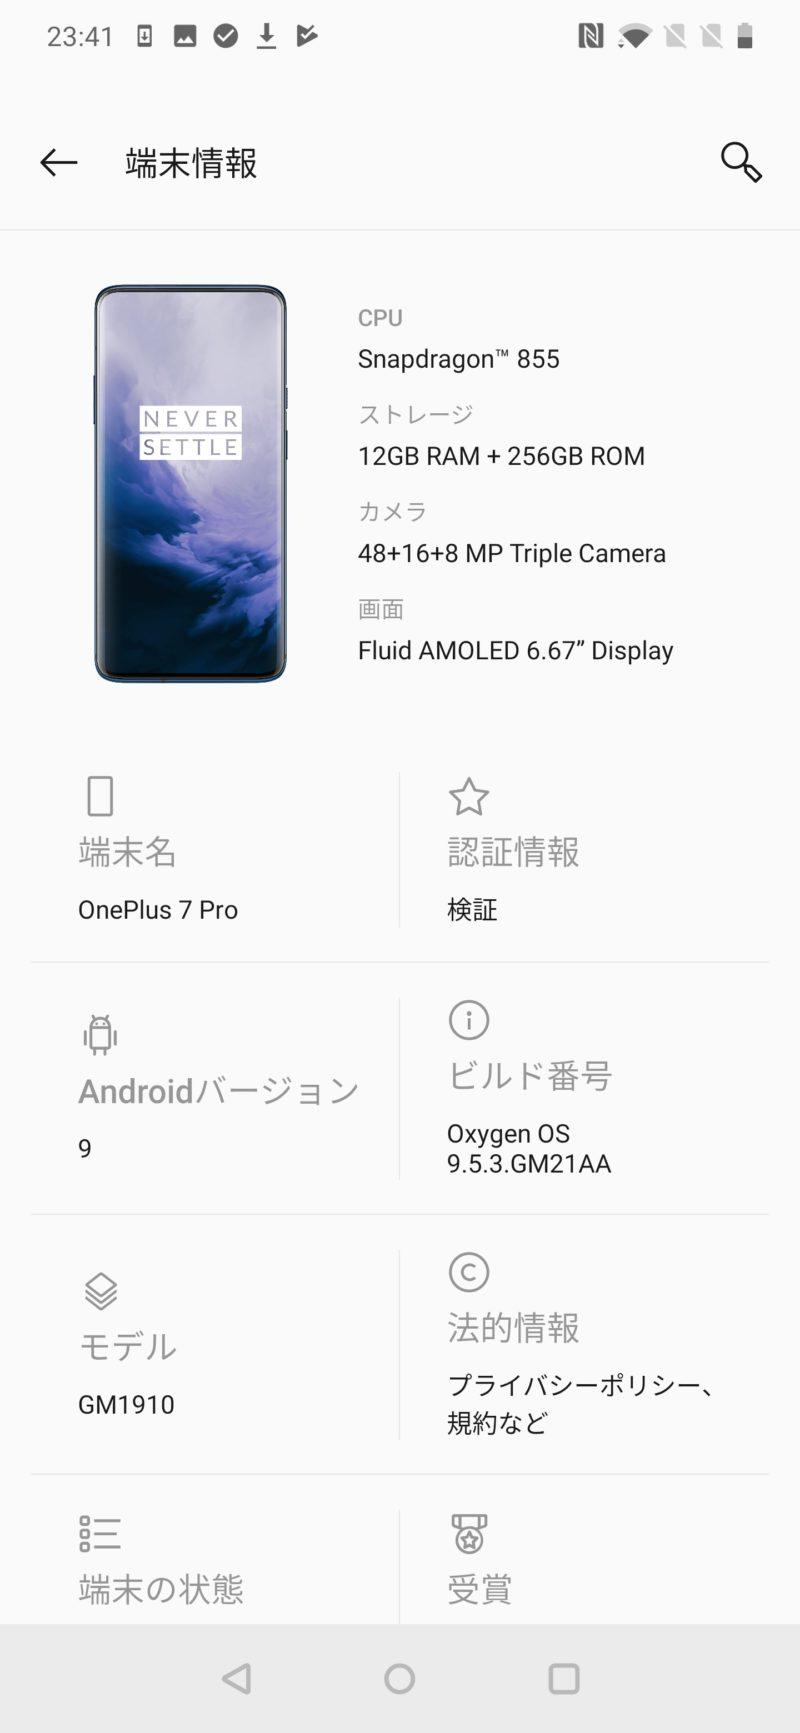 Screenshot 20190916 234114 800x1733-「OnePlus 7 Pro」を実機レビュー!ハイスペックで良いモデルだけど、惜しい部分も目立つ